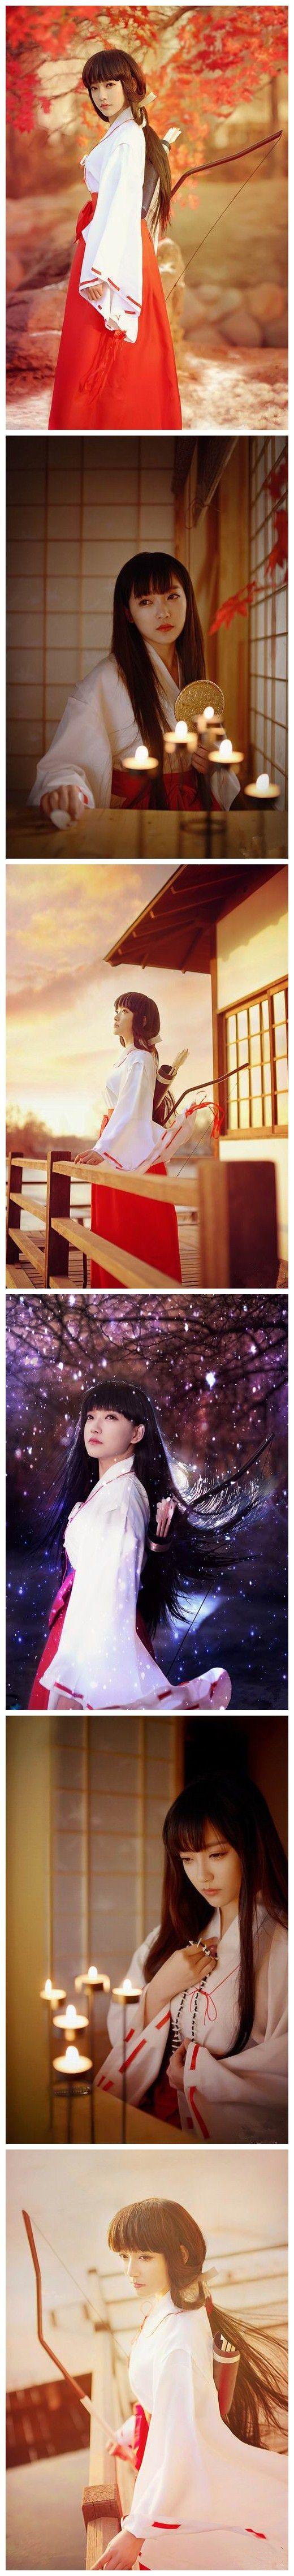 Kikyo   Inuyasha #anime #cosplay: